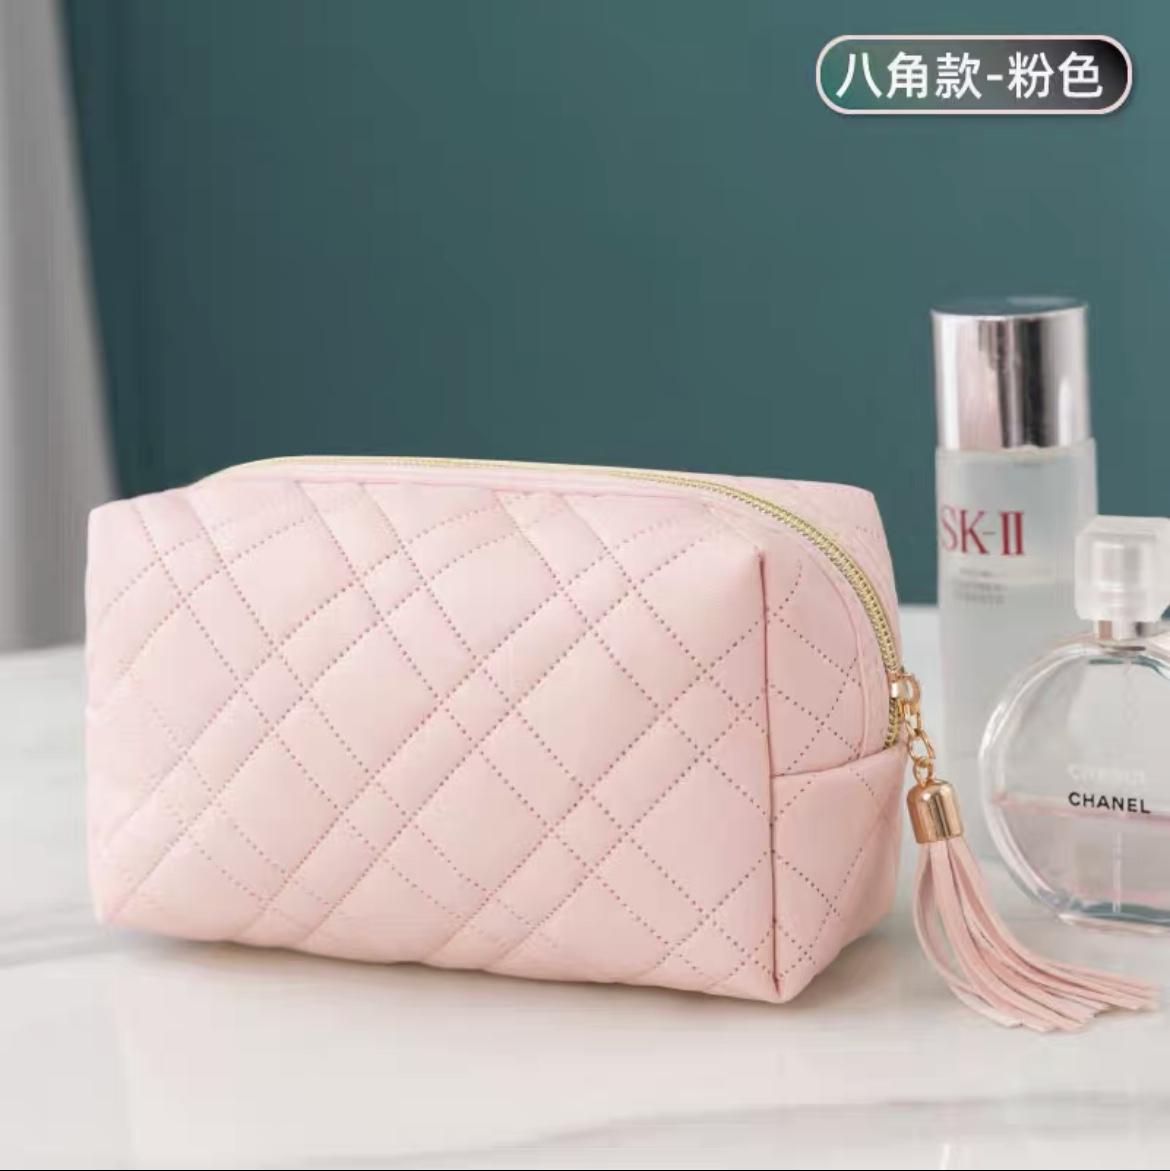 PU面料压花化妆包方形包-粉色